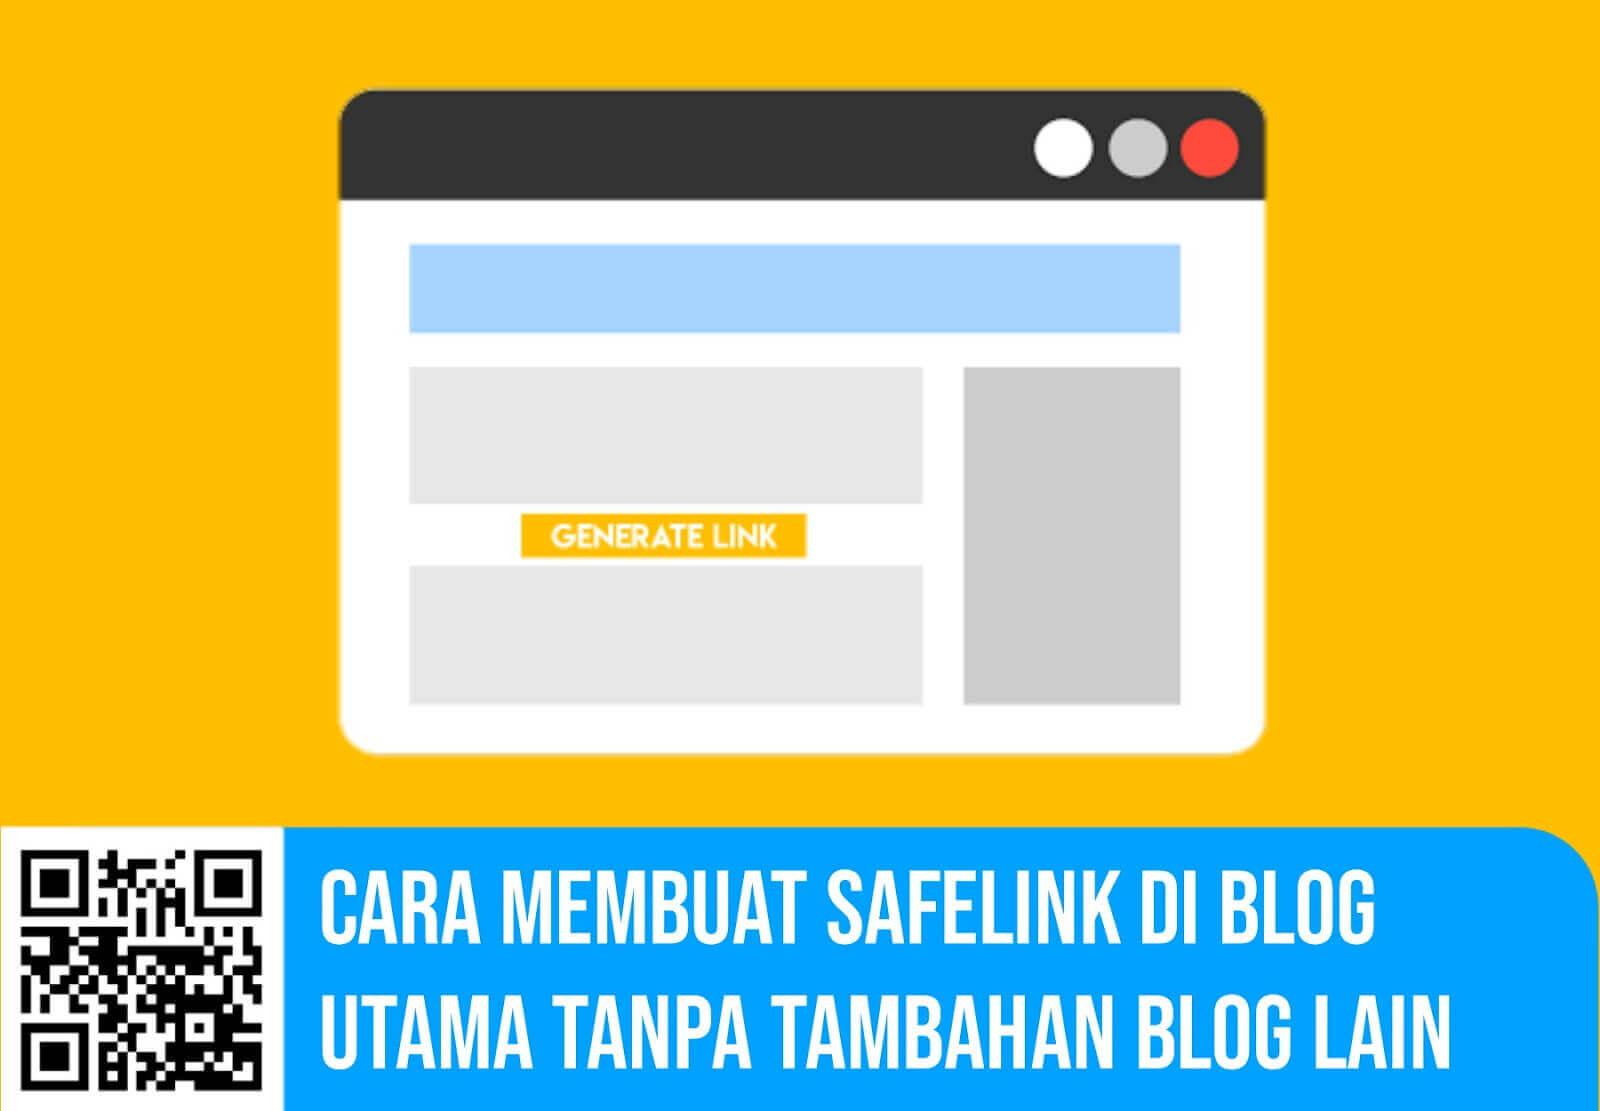 cara-membuat-safelink-di-blog-utama